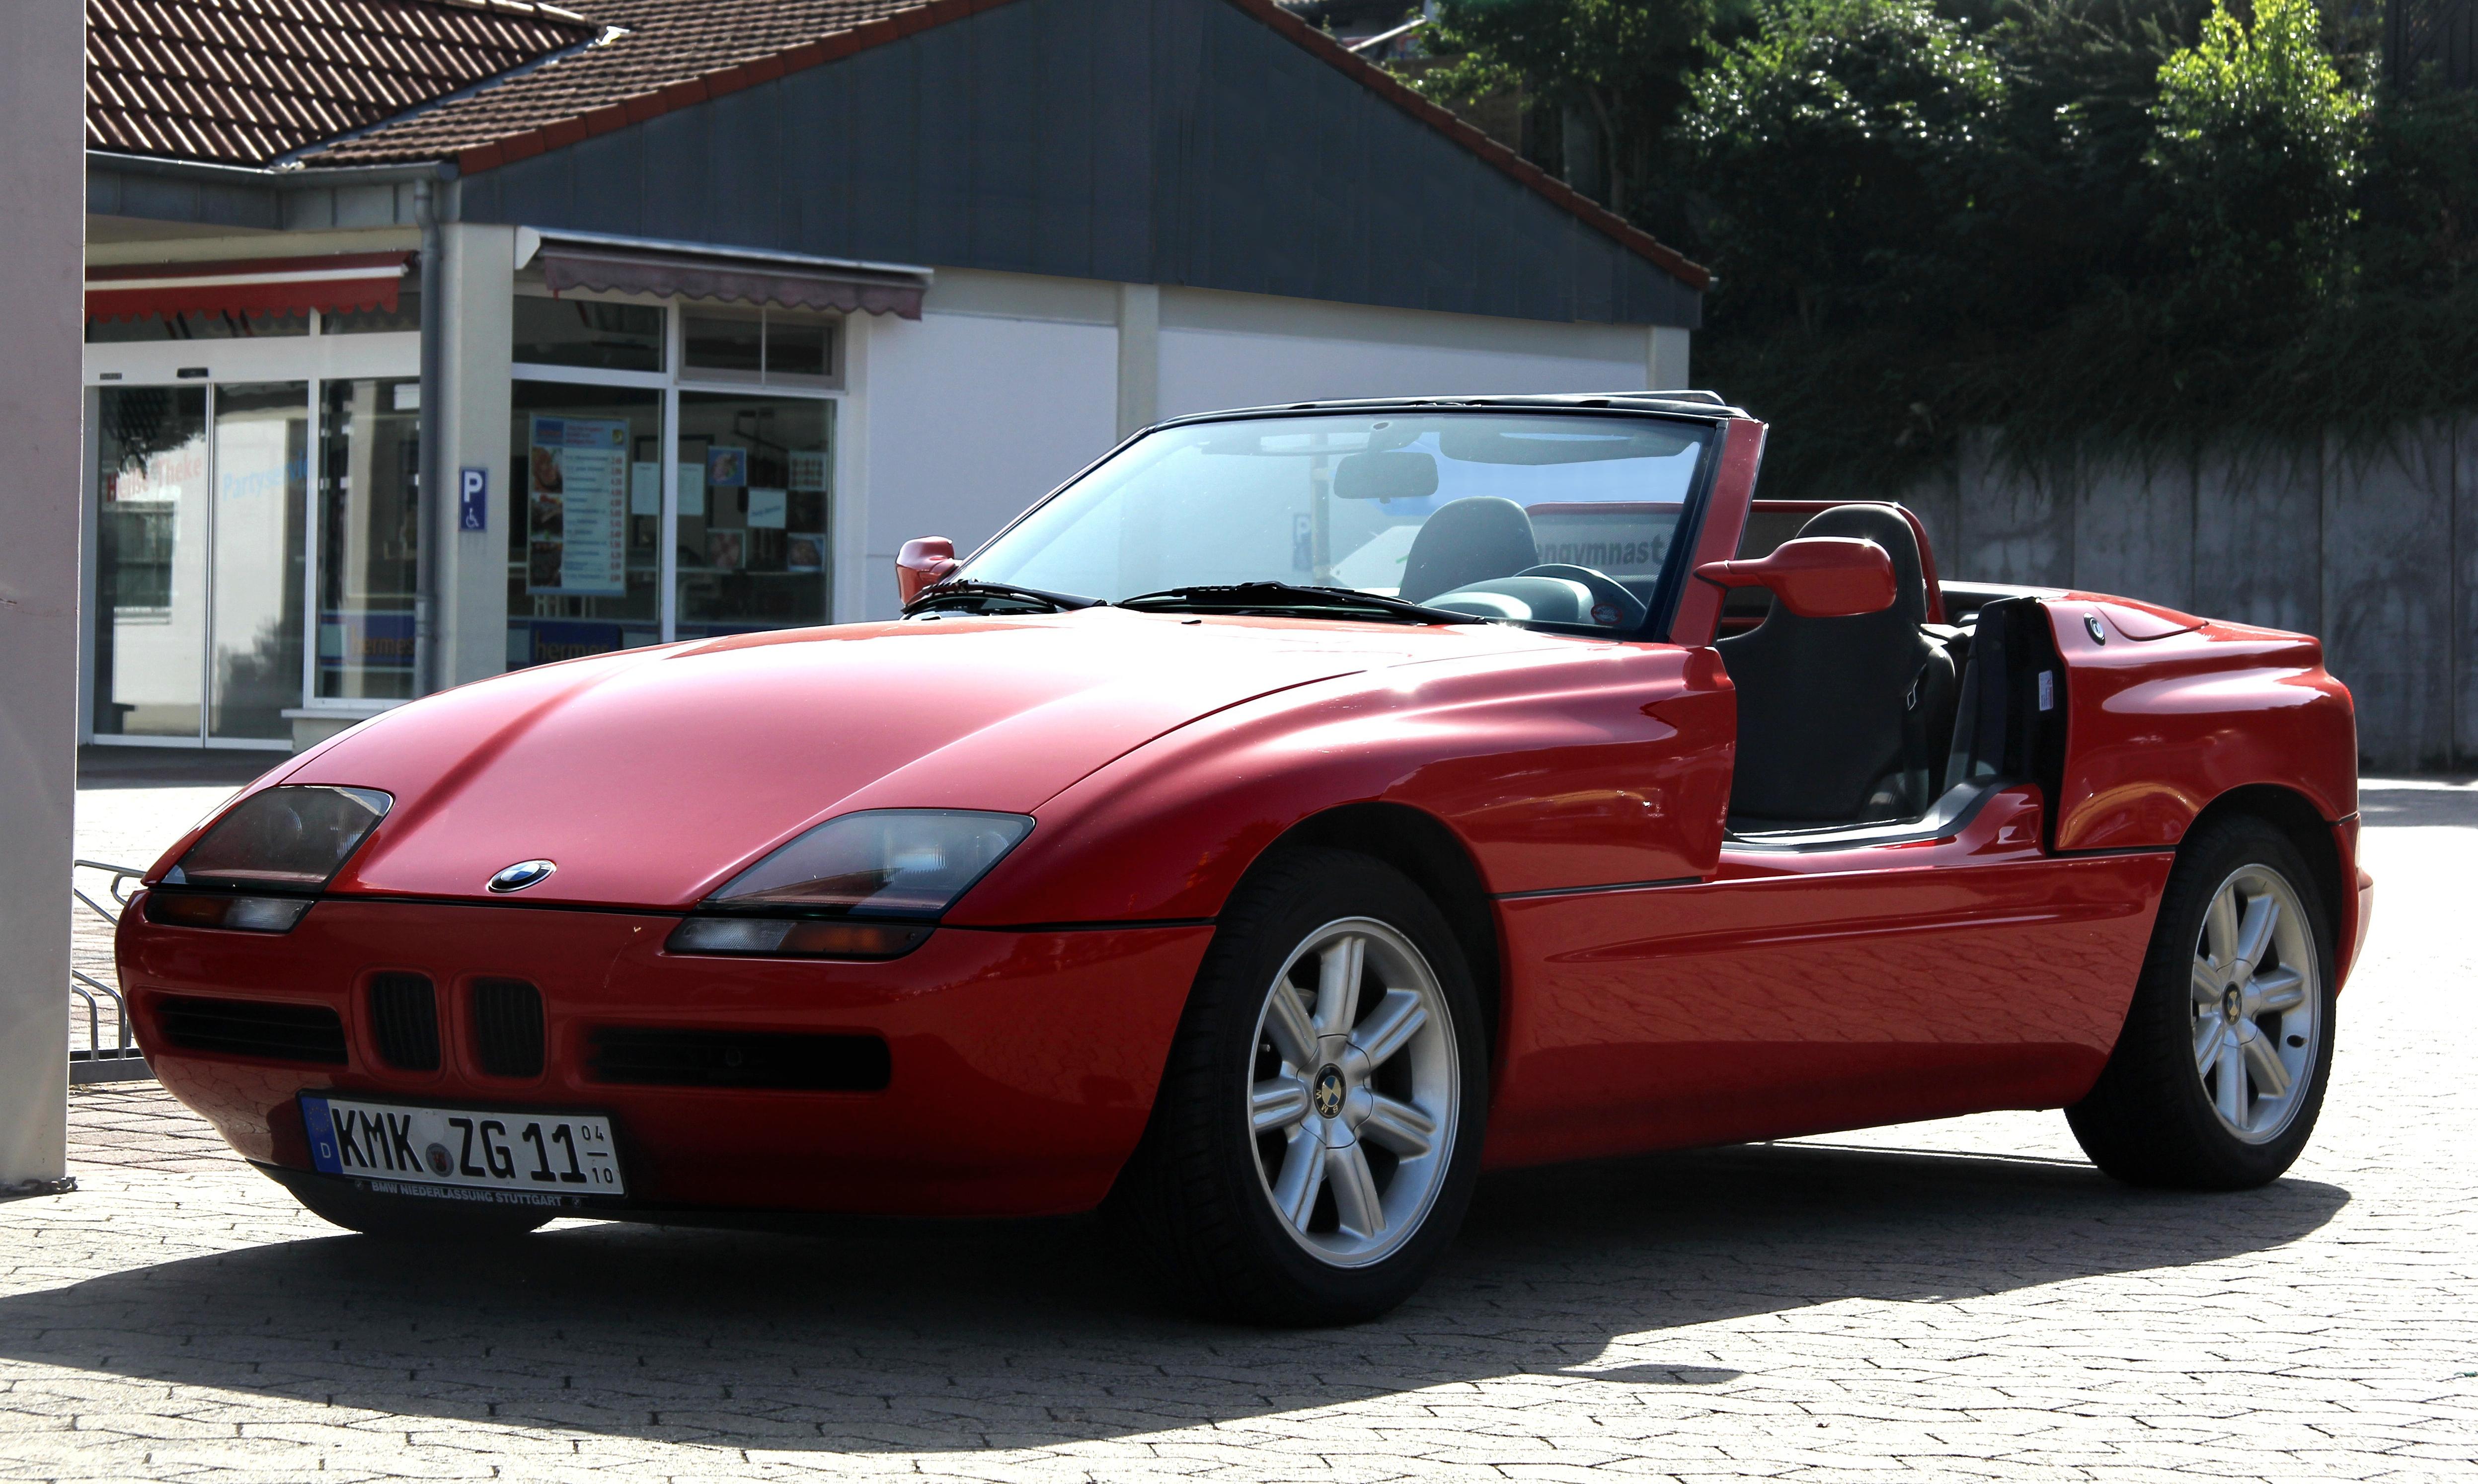 BMW_Z1,_Baujahr_1990_(2012-08-19) Astounding Bmw Z1 for Sale In Usa Cars Trend